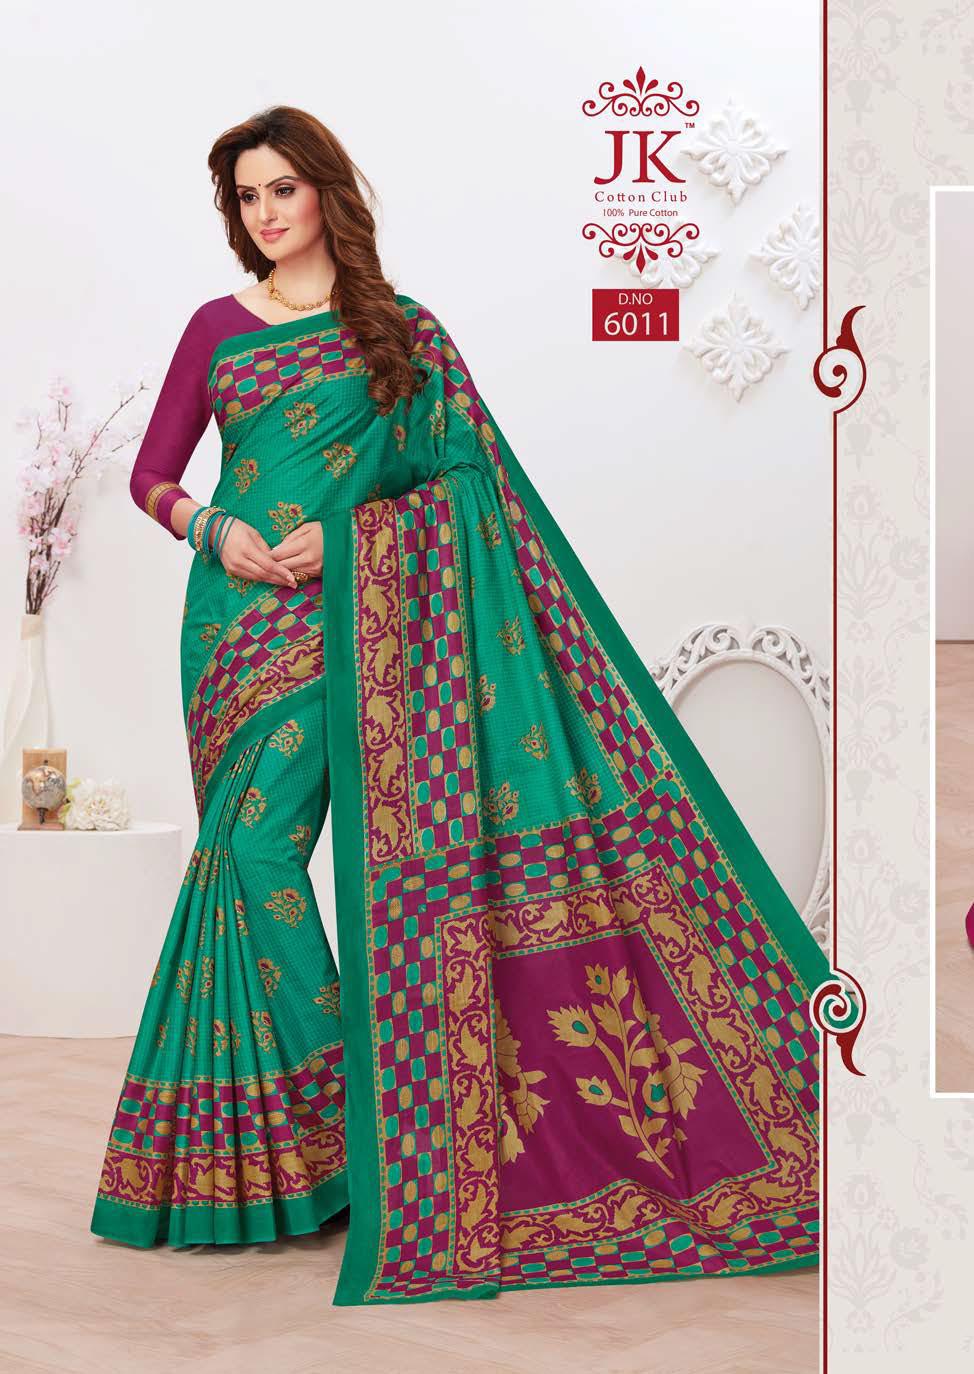 JK Tulsi Vol 6 A Saree Sari Wholesale Catalog 10 Pcs 6 - JK Tulsi Vol 6 A Saree Sari Wholesale Catalog 10 Pcs